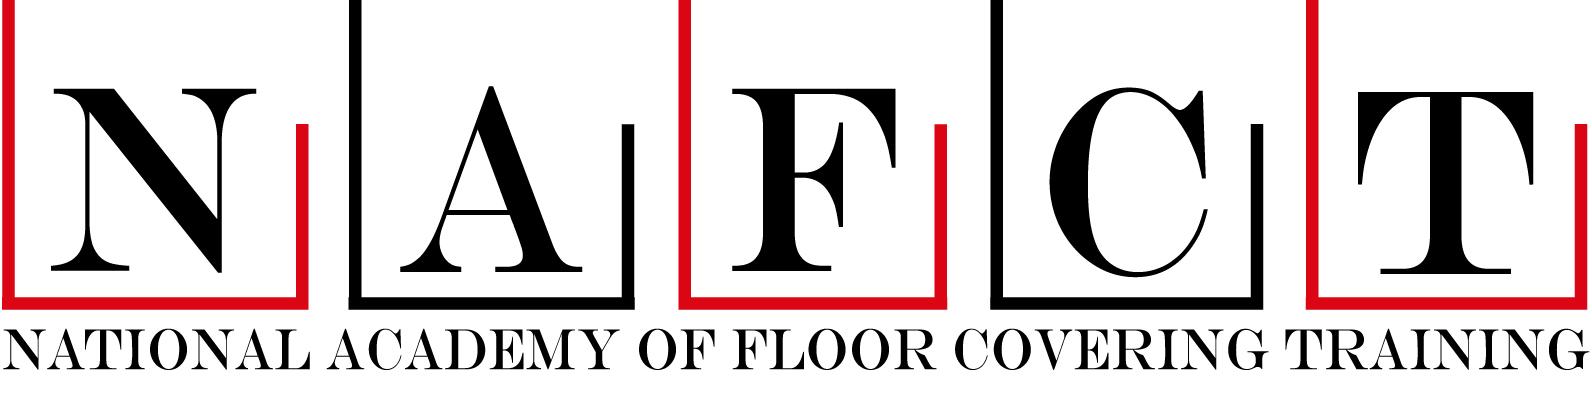 NAFCT-logo.jpg